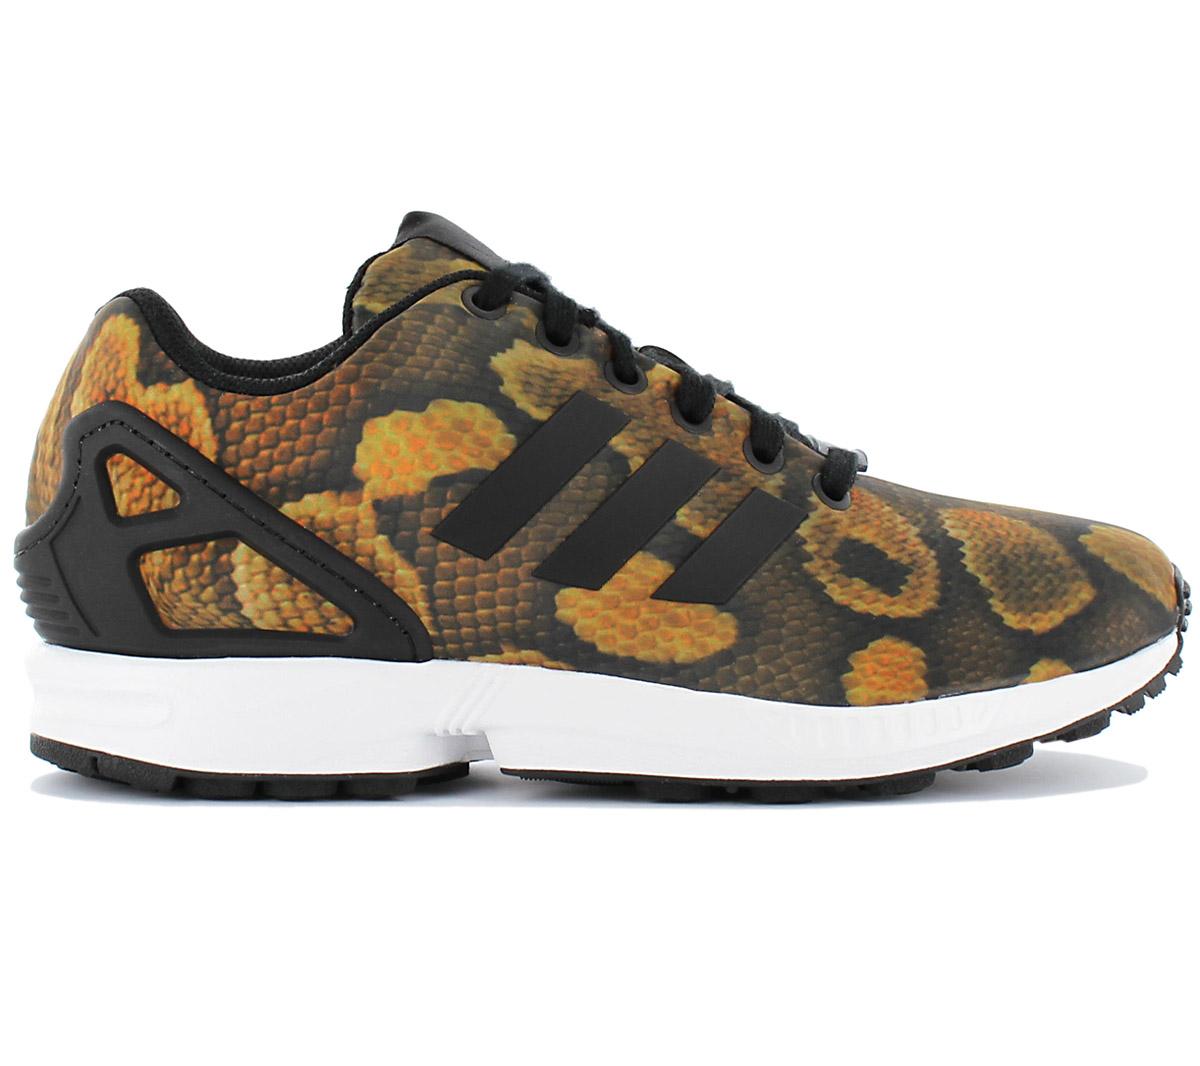 adidas originali zx flusso w scarpe da donna serpente - rare le scarpe